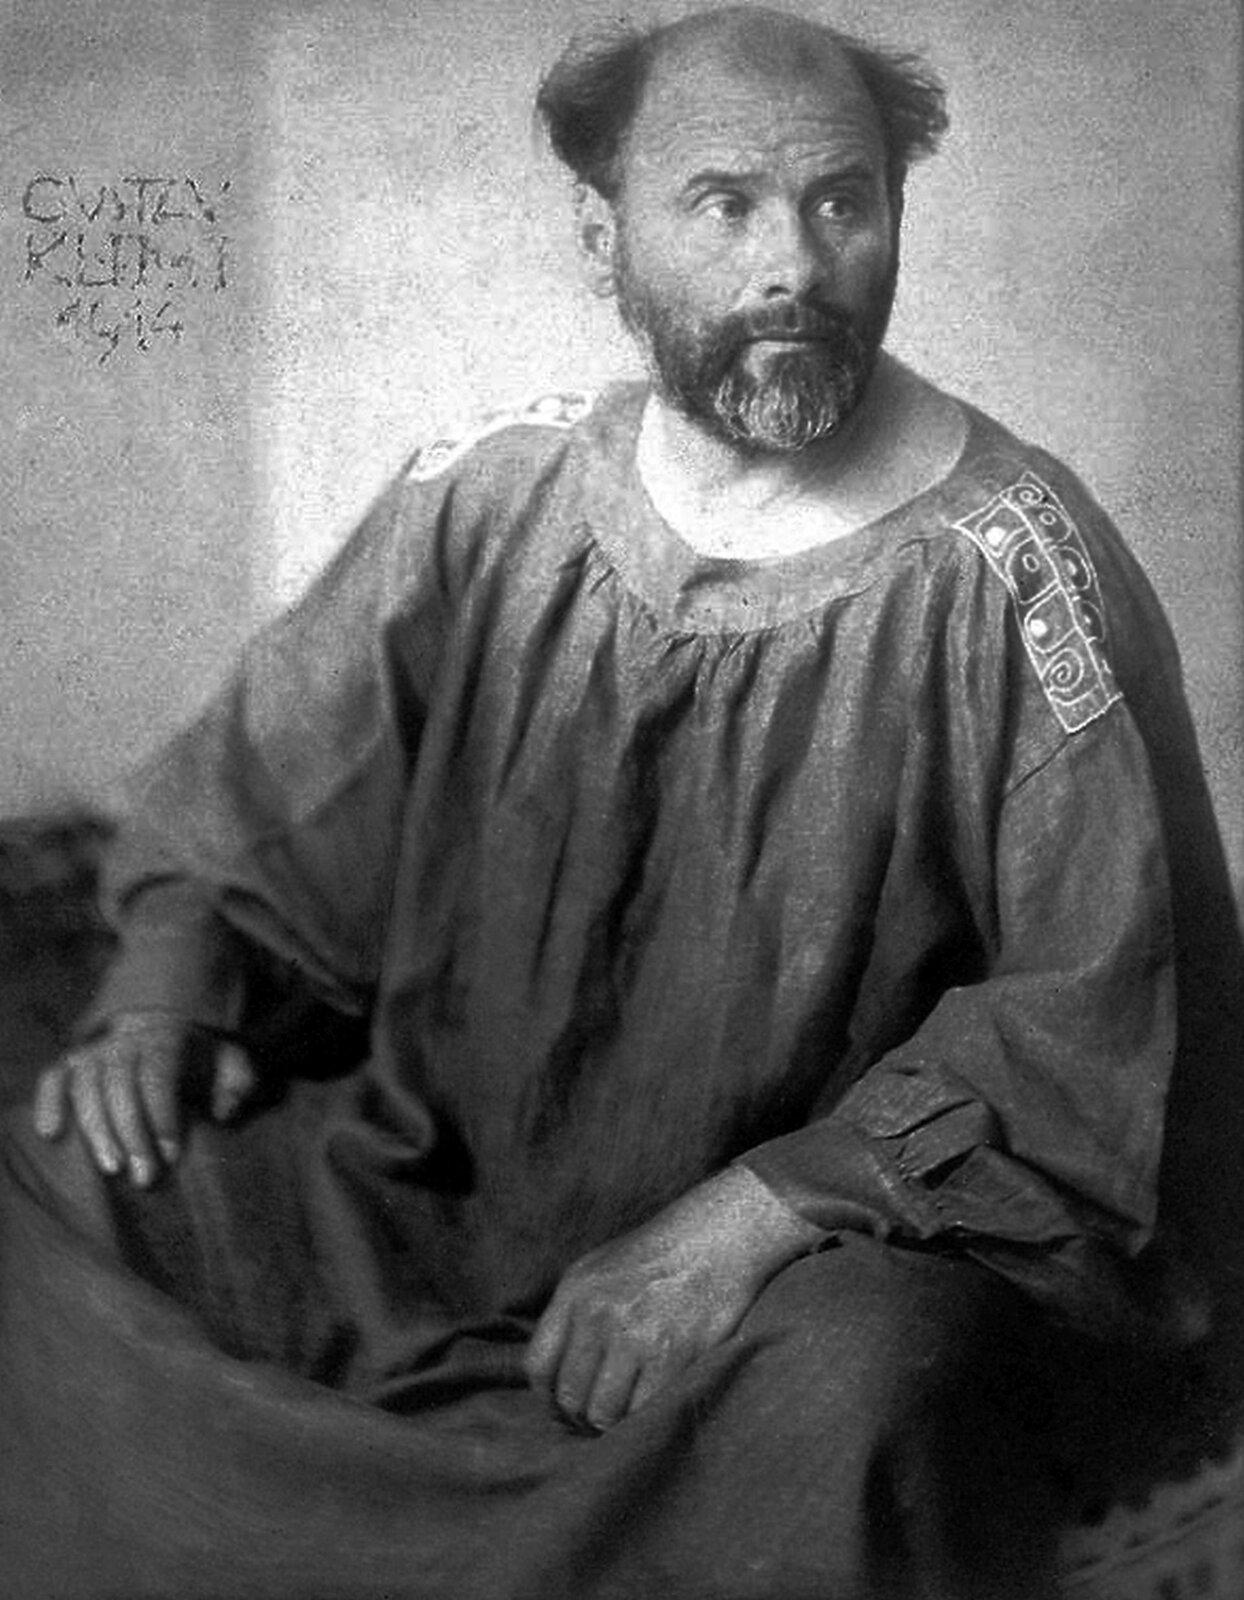 Ilustracja przedstawia portret Gustawa Klimty. Portret ukazuje mężczyznę wniechlujnej fryzurze, ubranego wswobodną szatę. Portret jest czarno-biały.